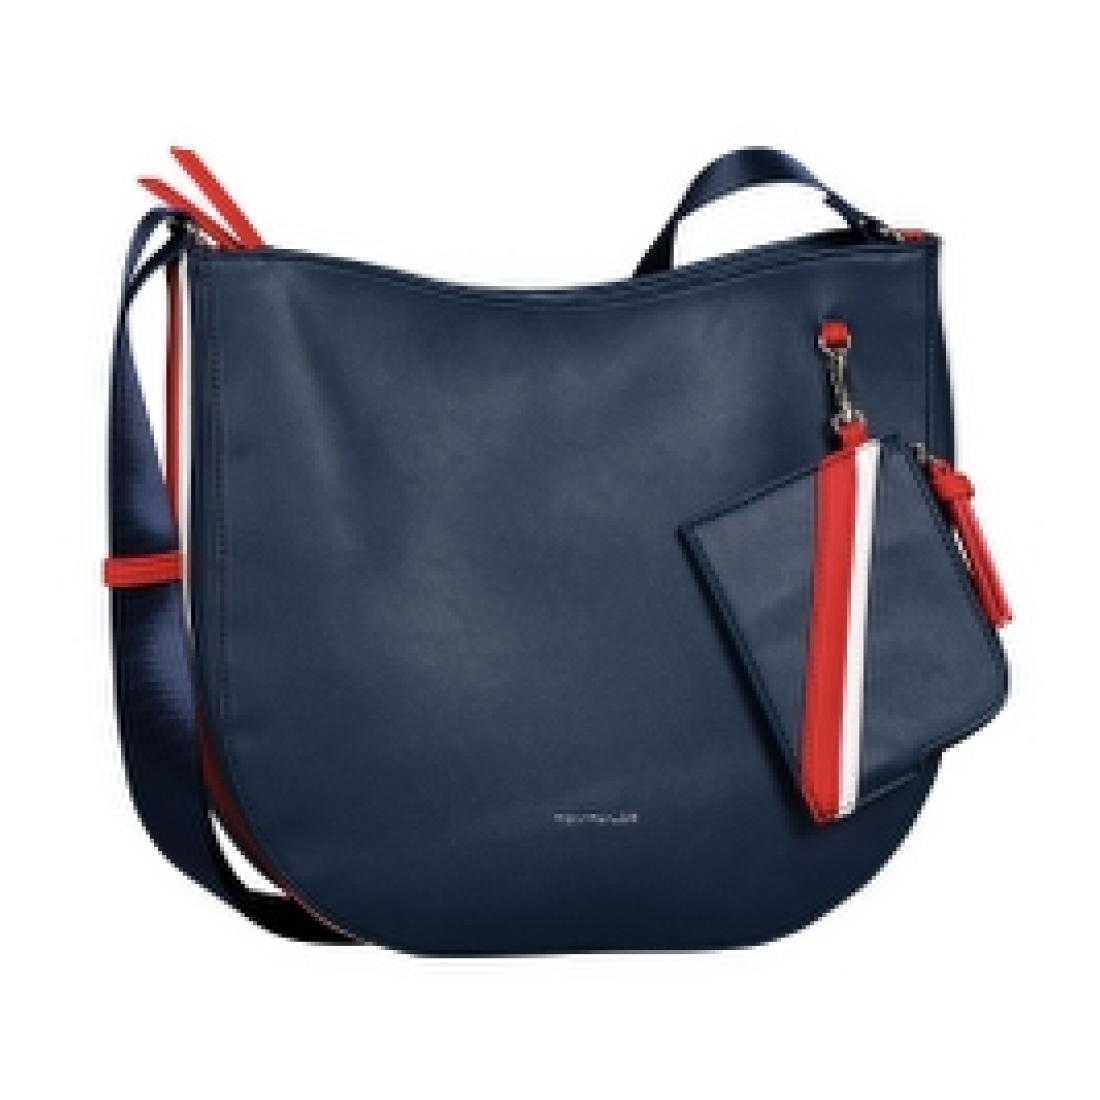 Tom Tailor Umhängetasche Isabel Cross bag